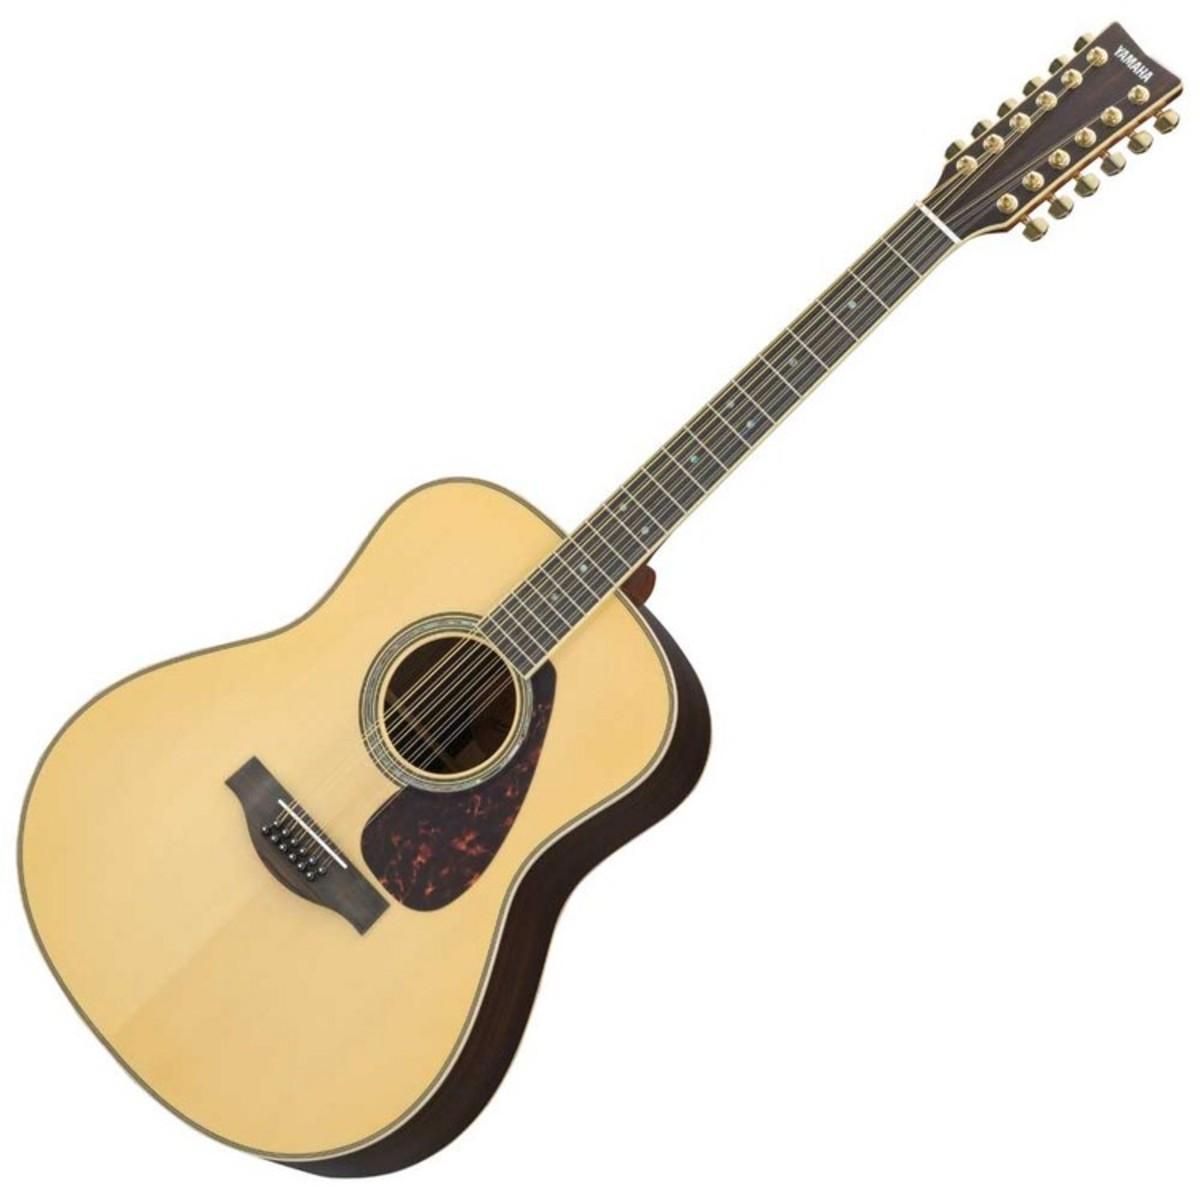 yamaha ll16are12 12 string acoustic guitar natural at